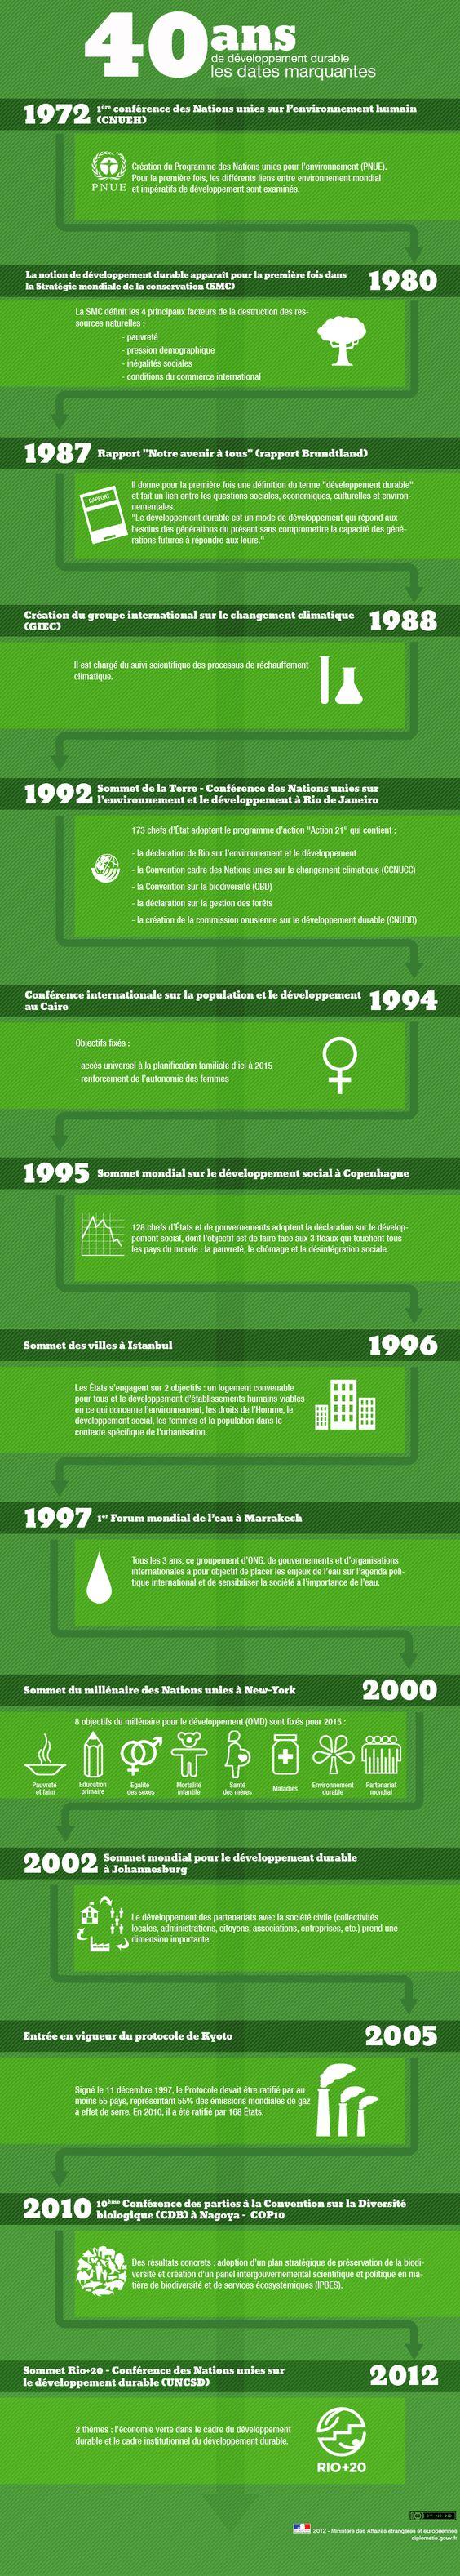 40 ans de développement durable : les dates marquantes